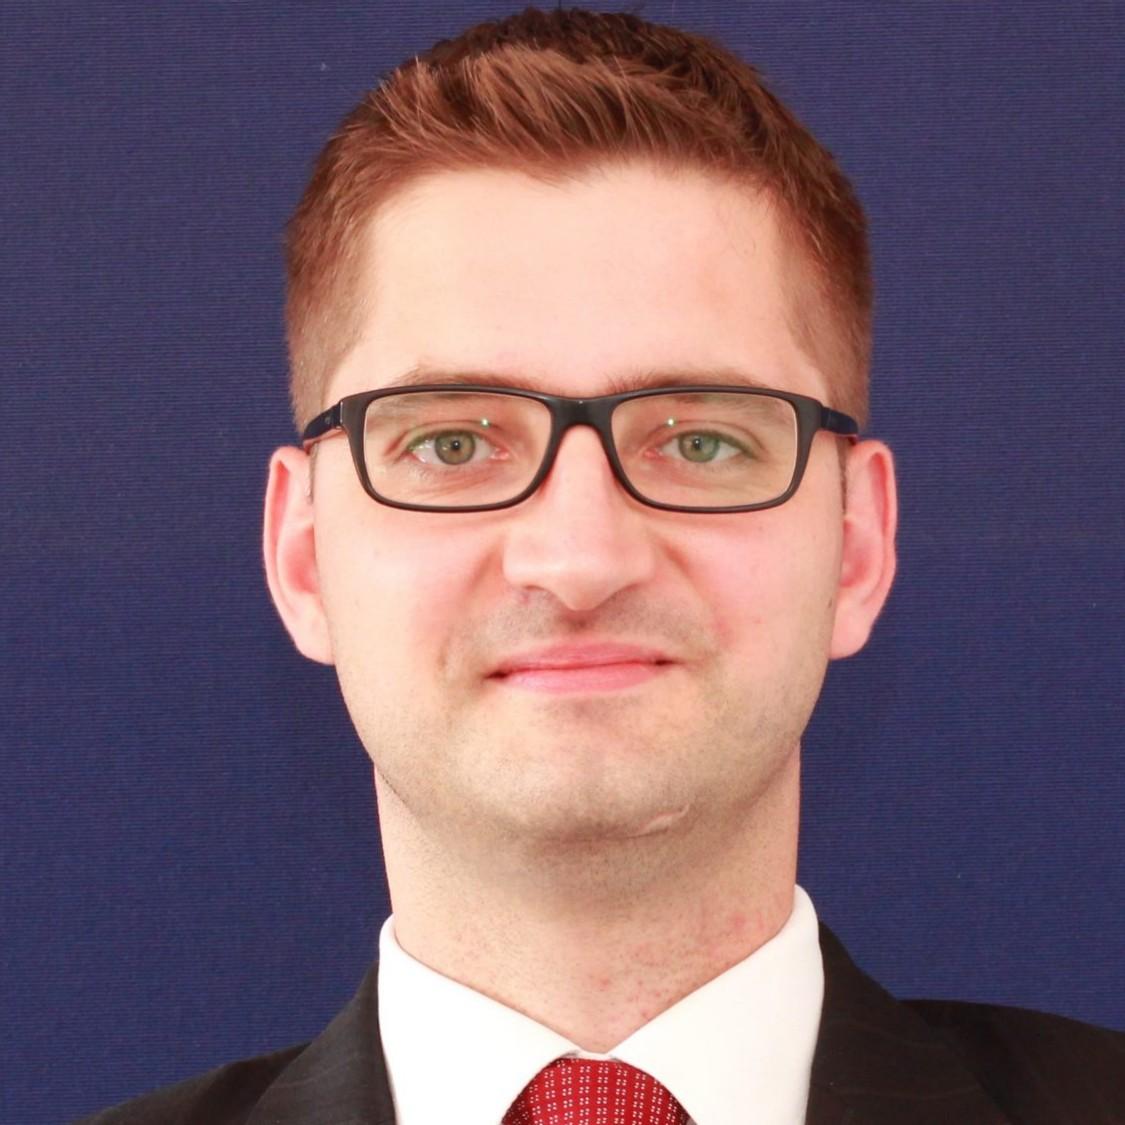 Eduard Rauber